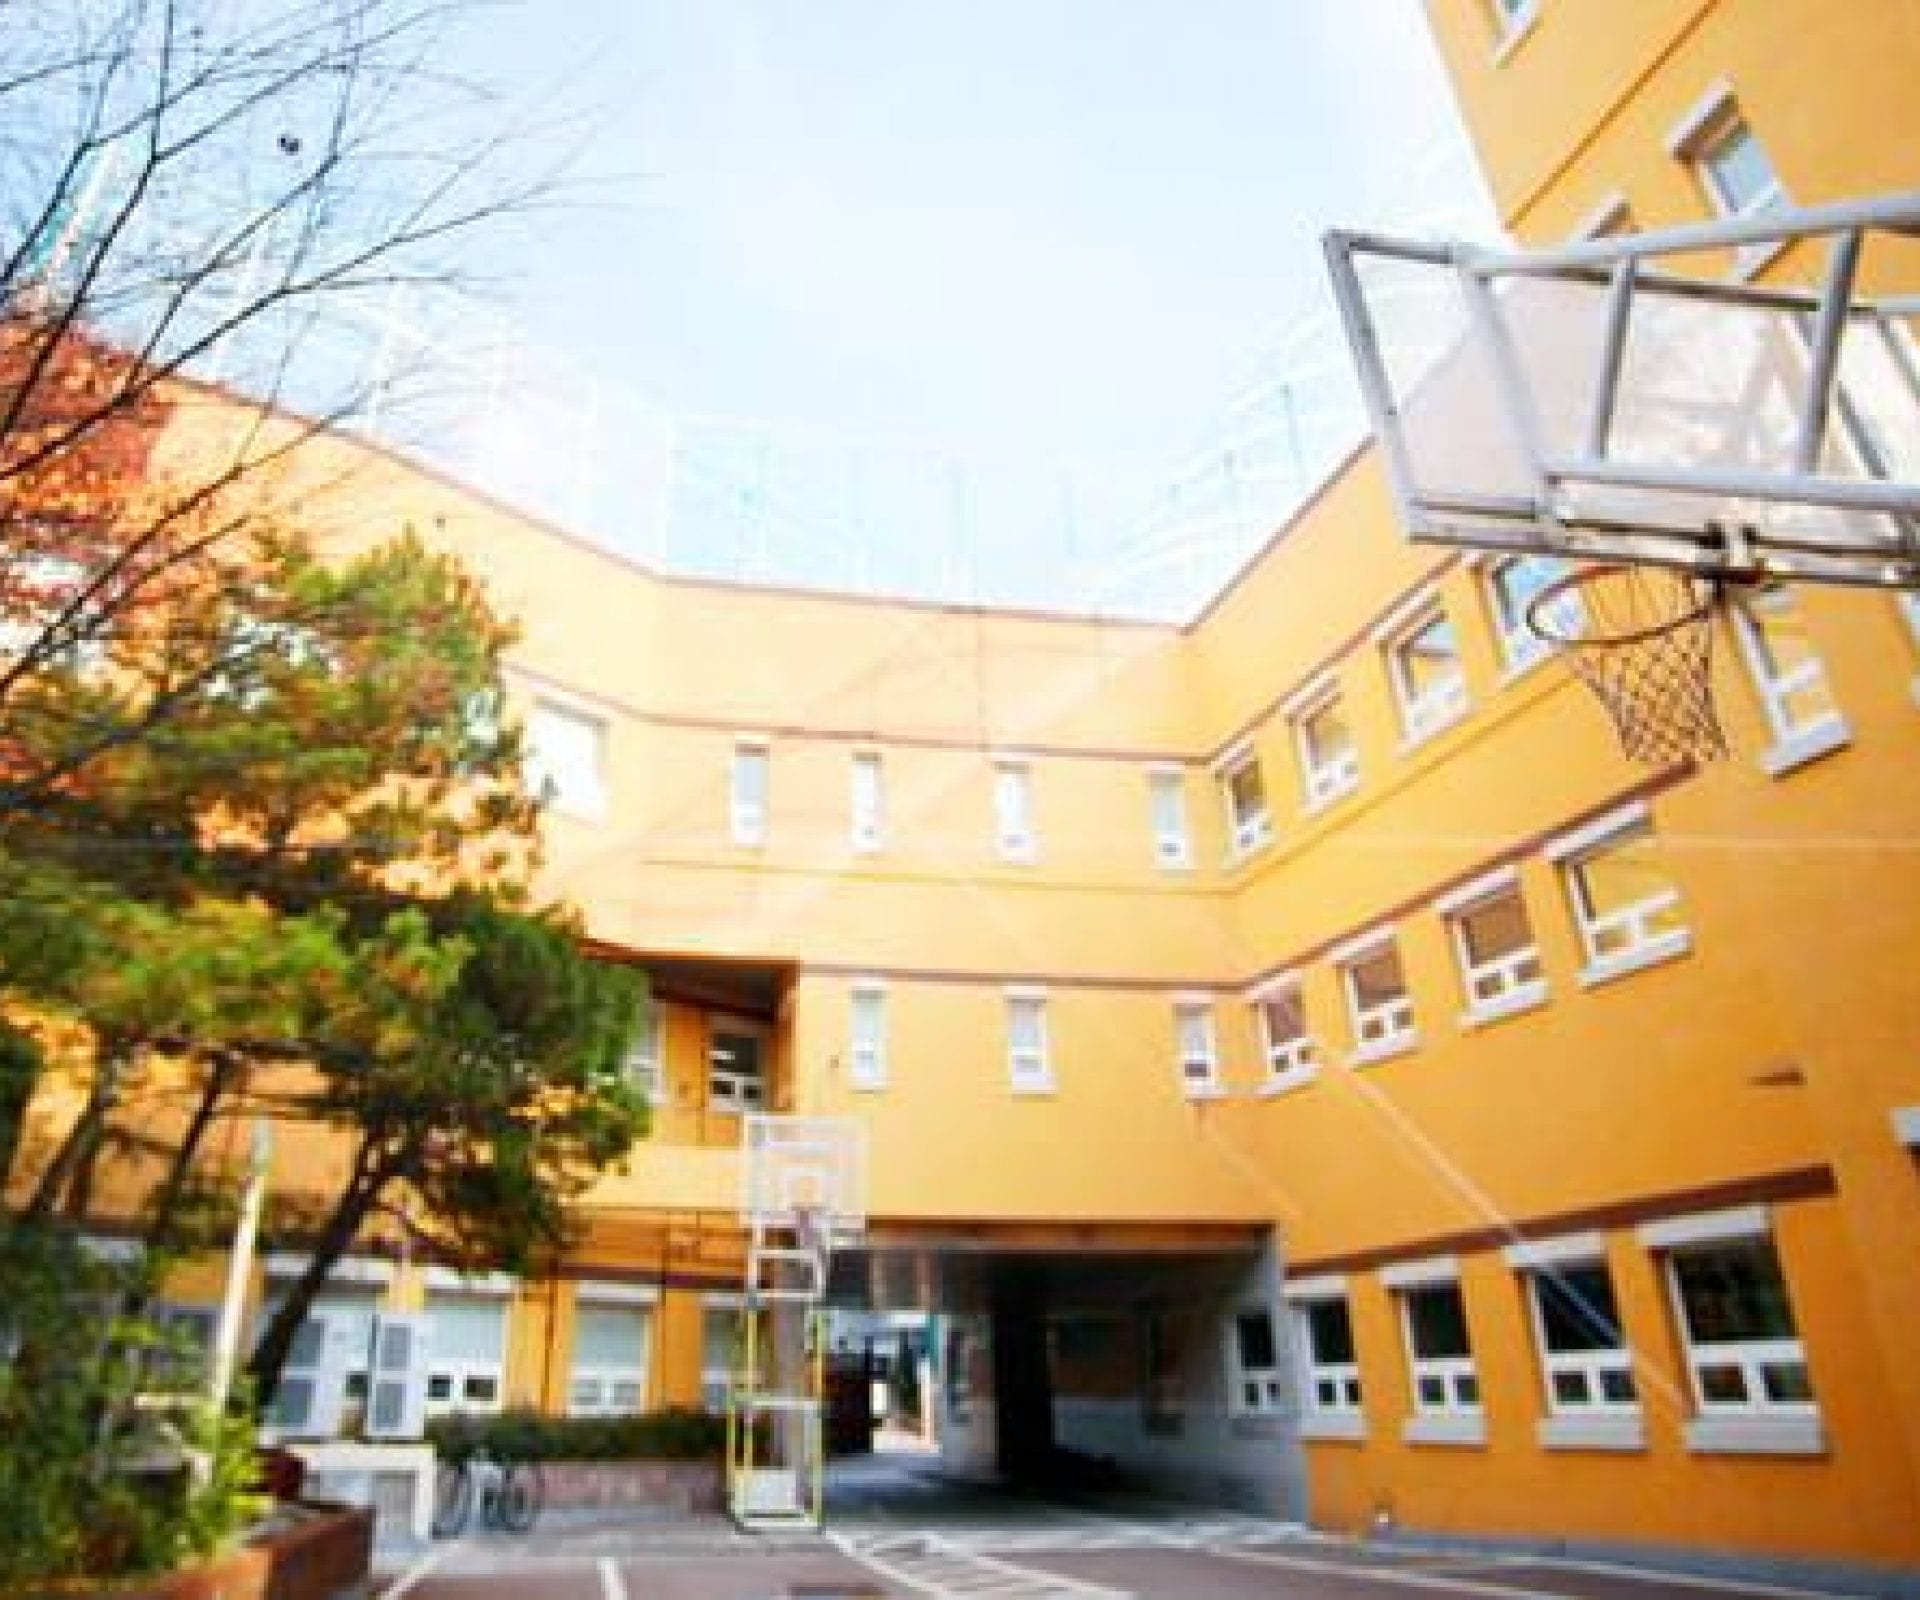 Korea Kent Foreign School | Gwangjin-gu, Seoul